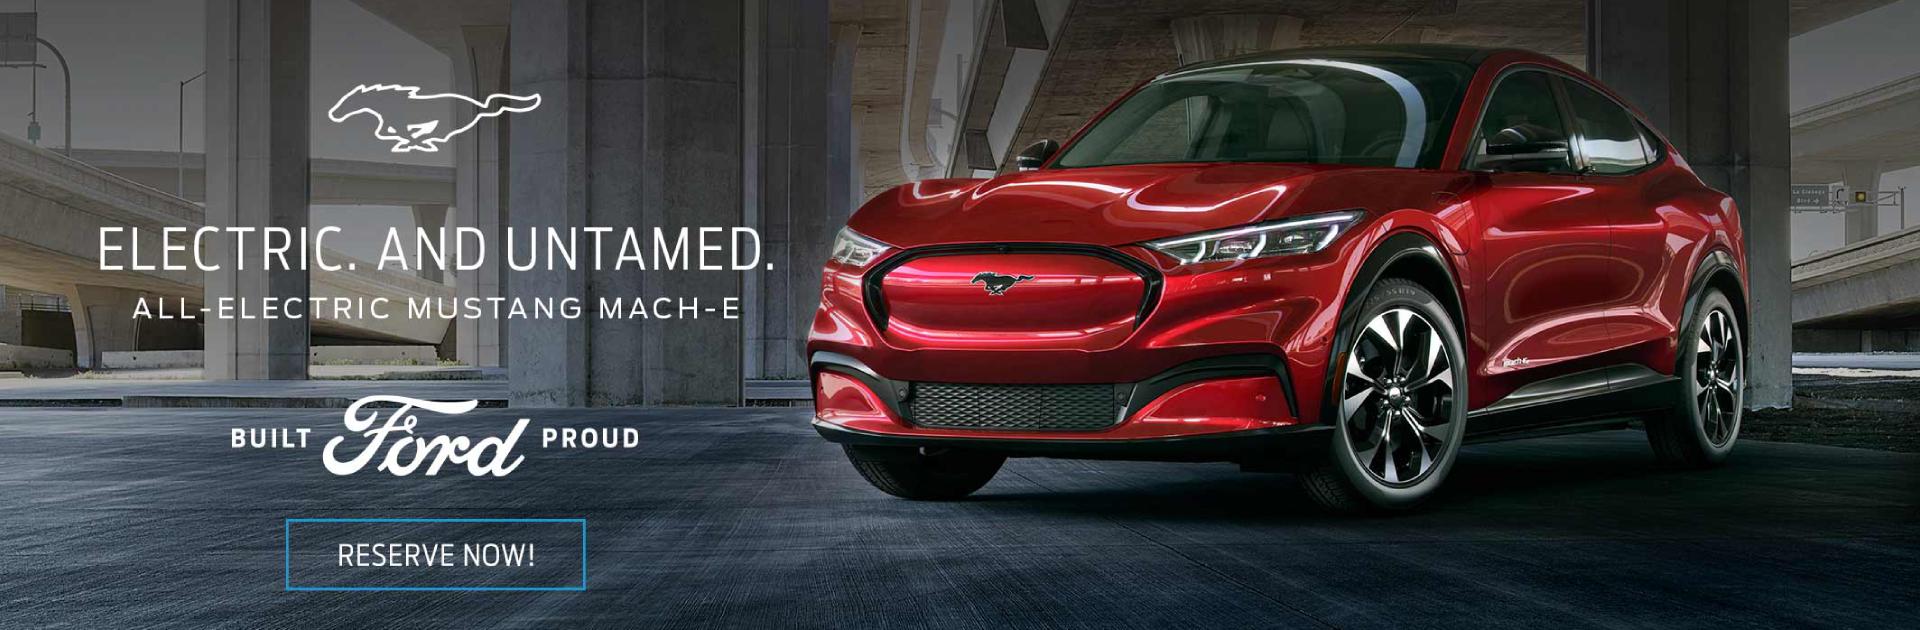 Mach E Red1 - All Electric Car